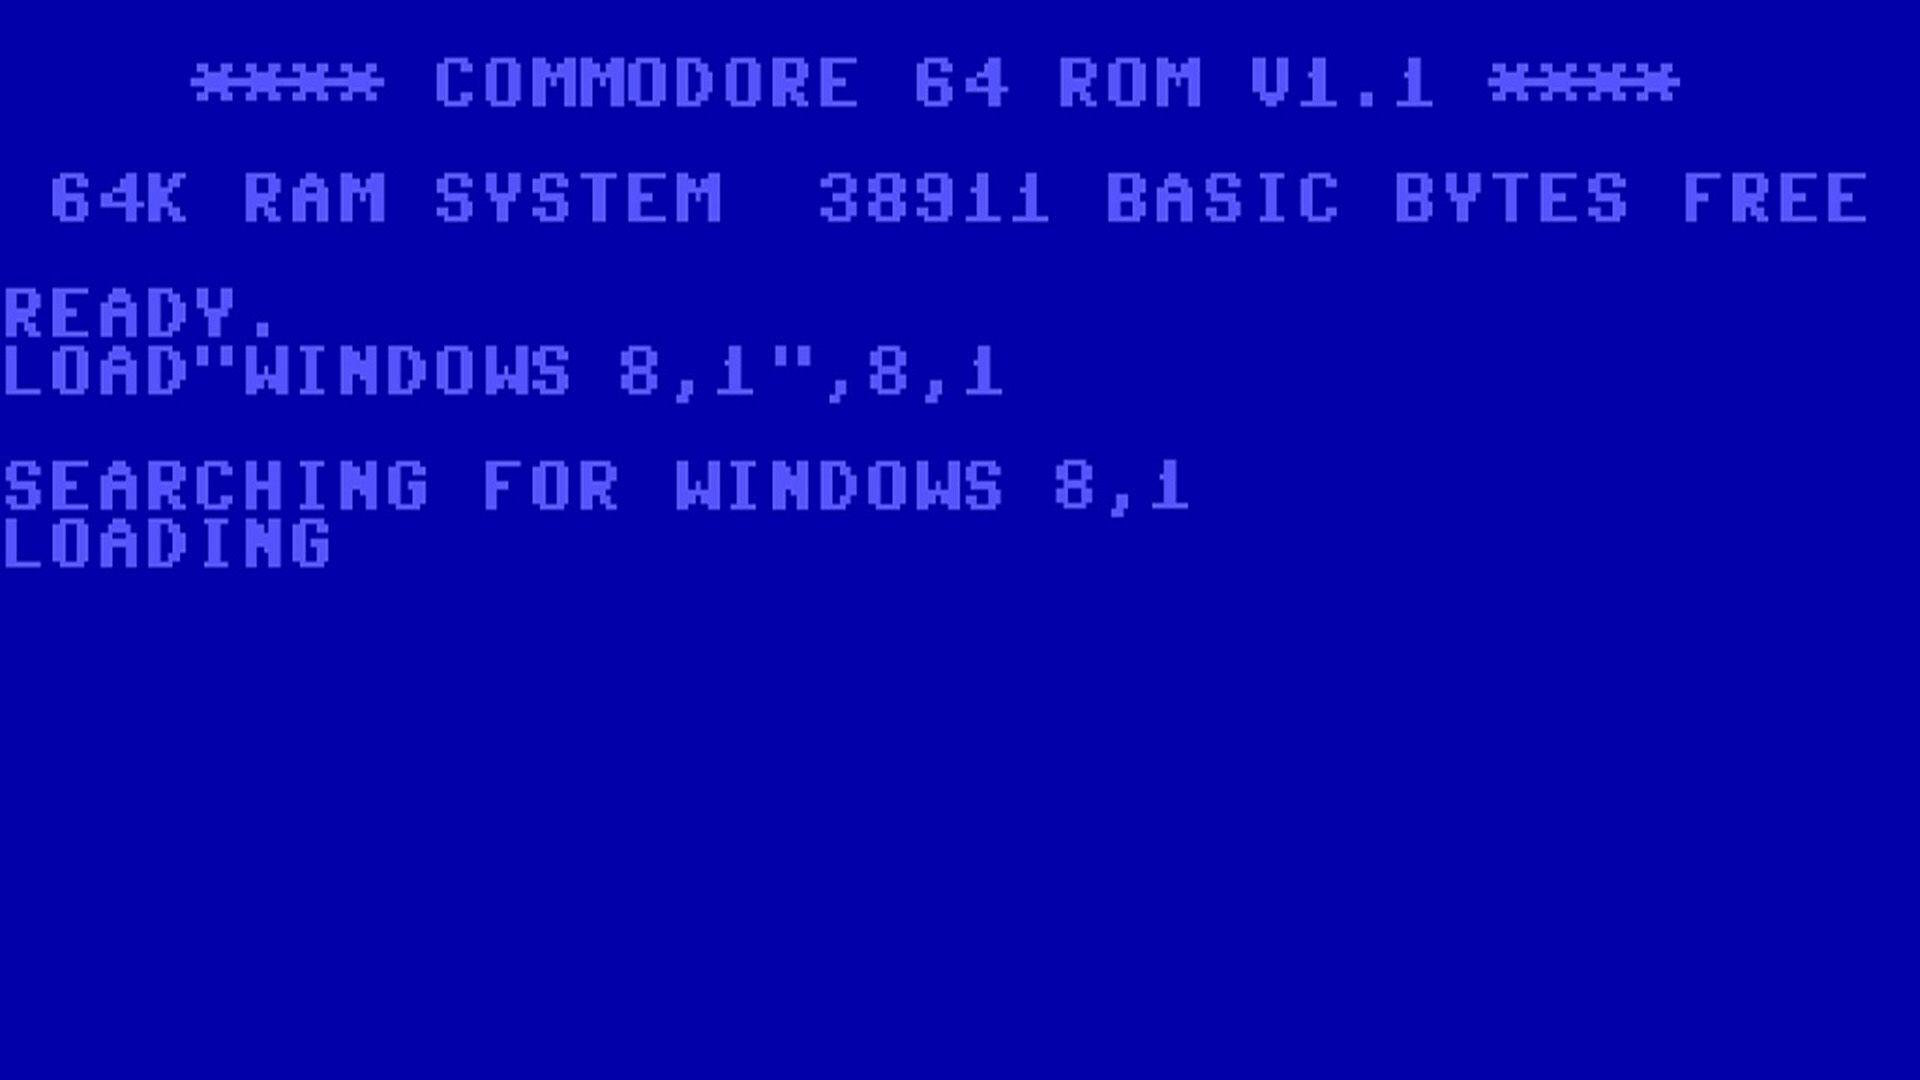 Desktop Wallpaper c64 commodore in 2019 Desktop Windows 1920x1080